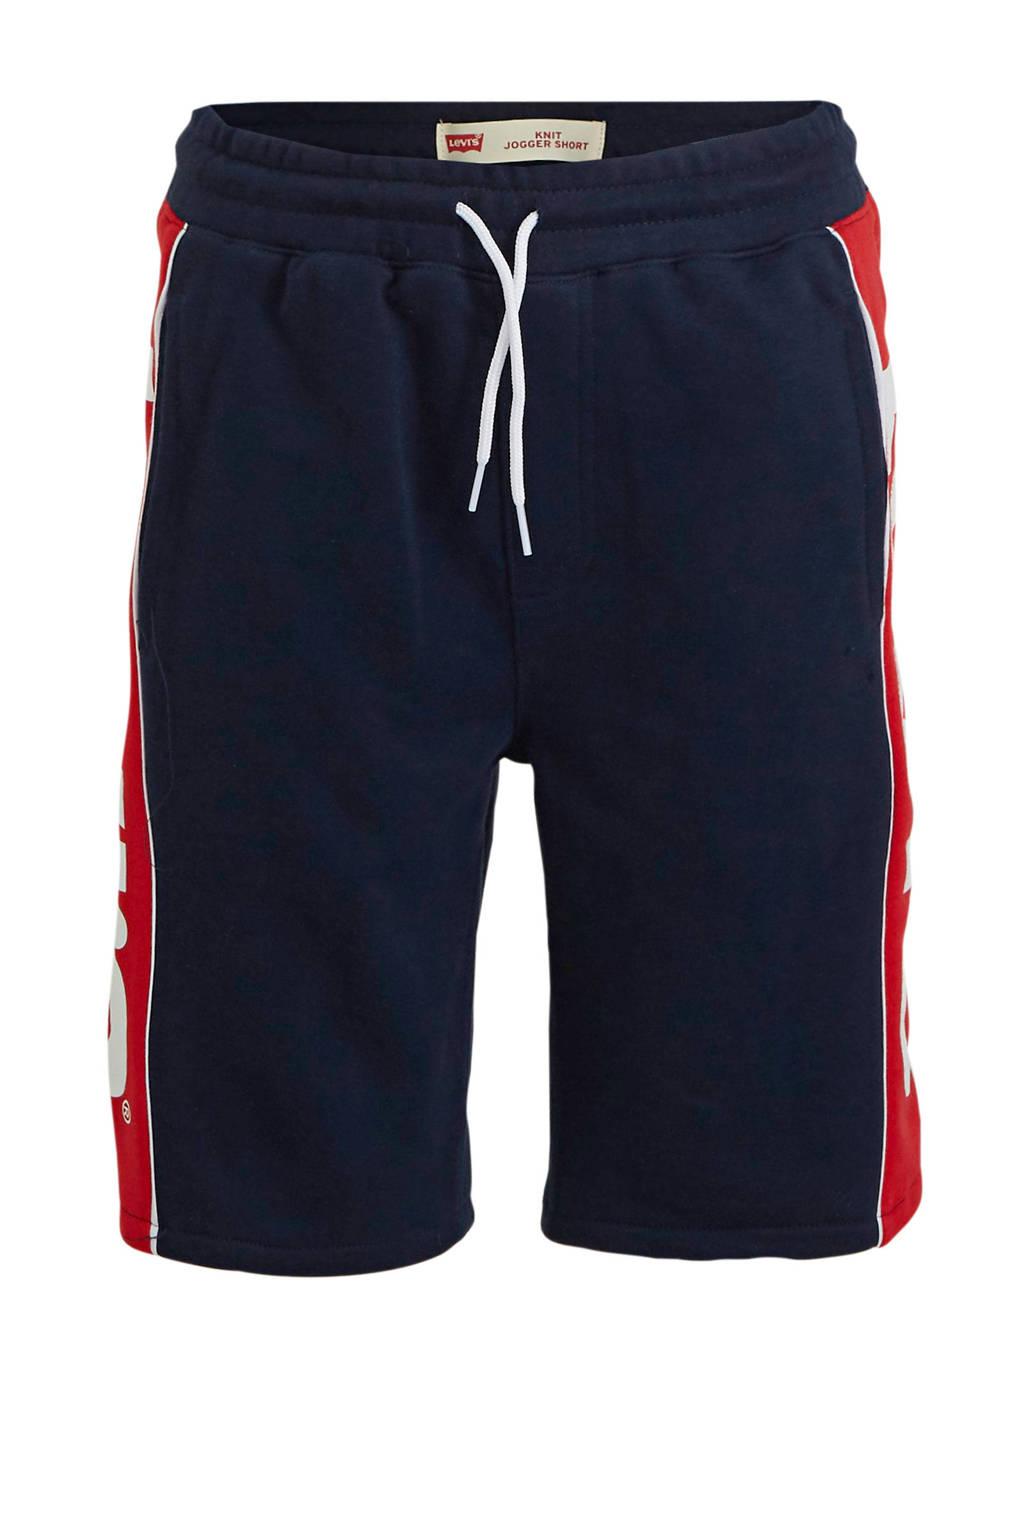 Levi's Kids sweatshort met logo donkerblauw/rood/wit, Donkerblauw/rood/wit